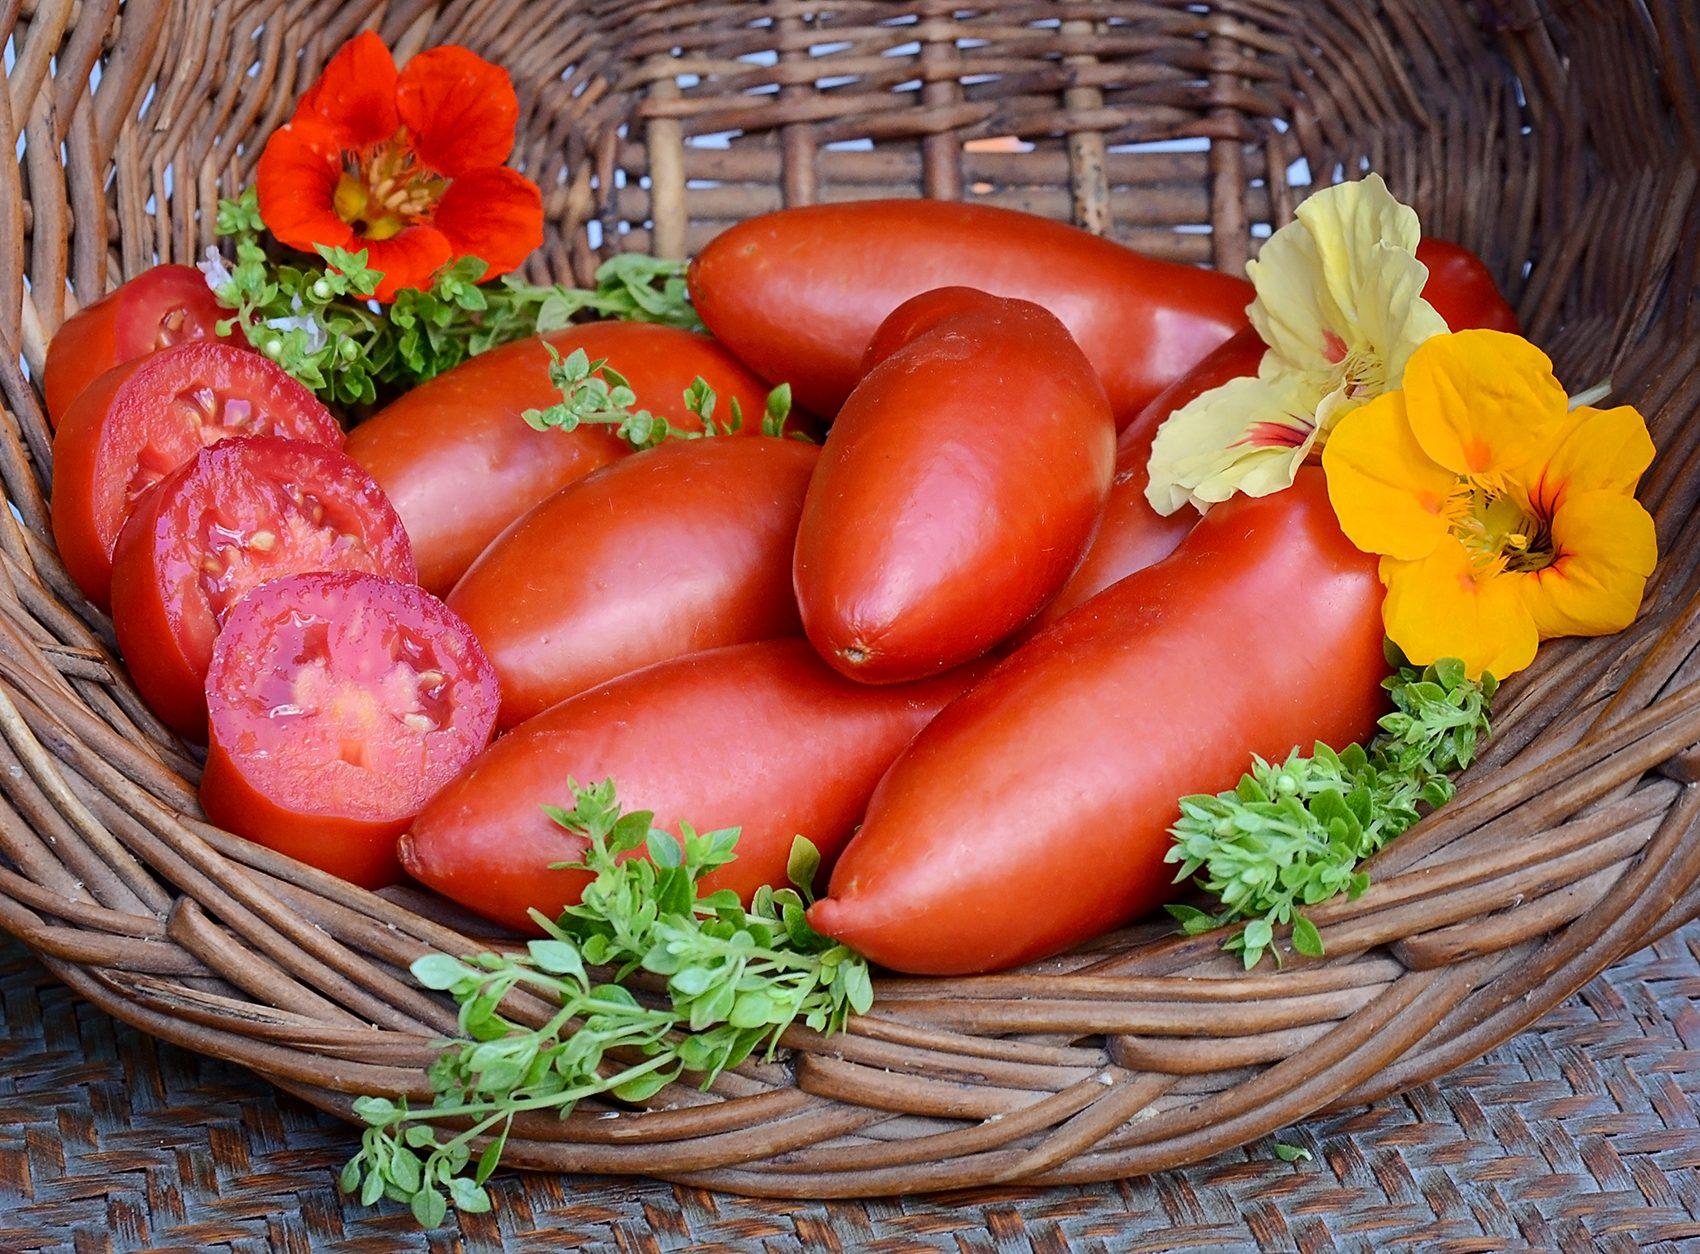 Pozzano (Greenhouse) Tomato